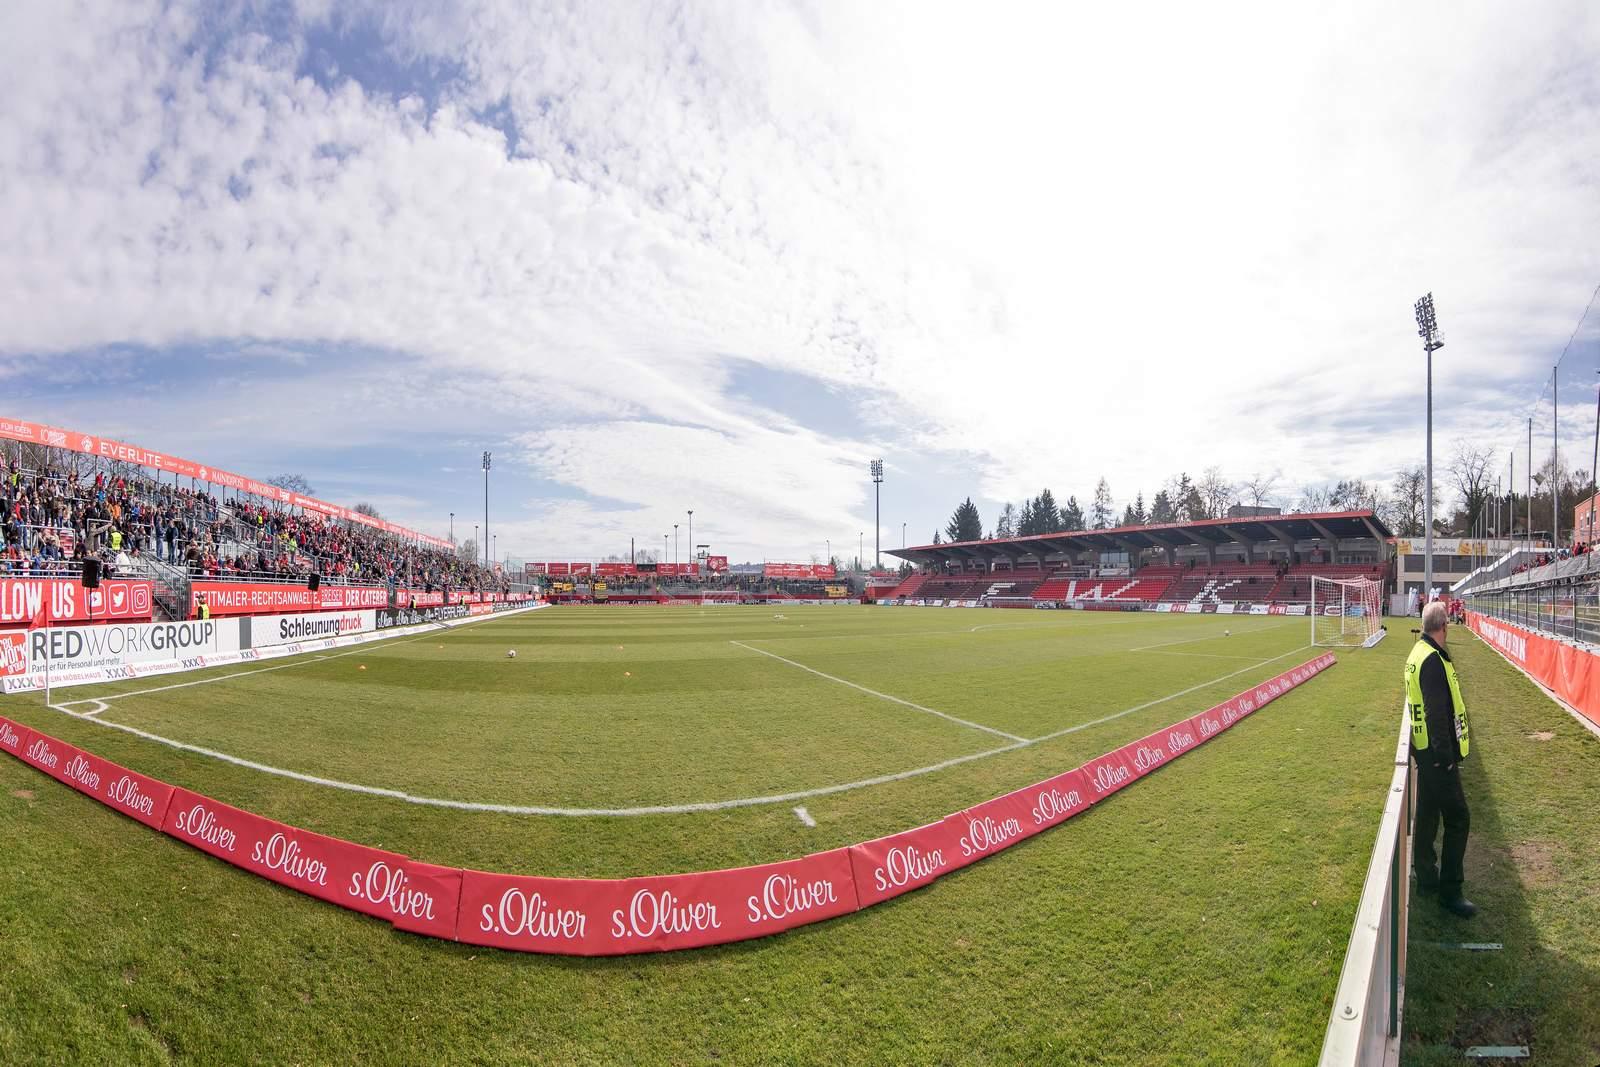 Stadion der Würzburger Kickers